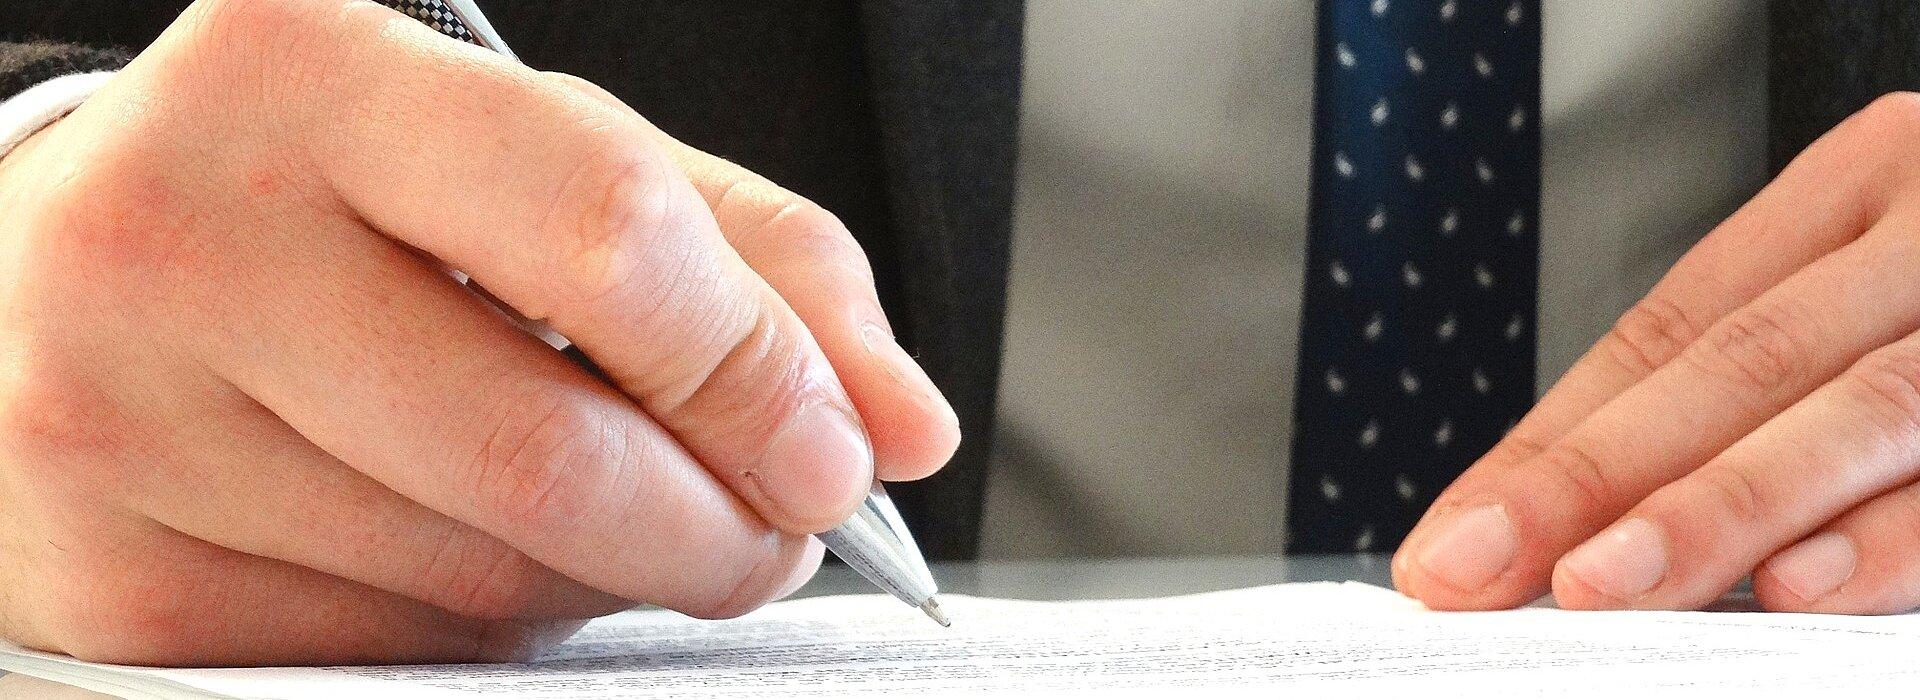 mãos masculinas assinando um documento